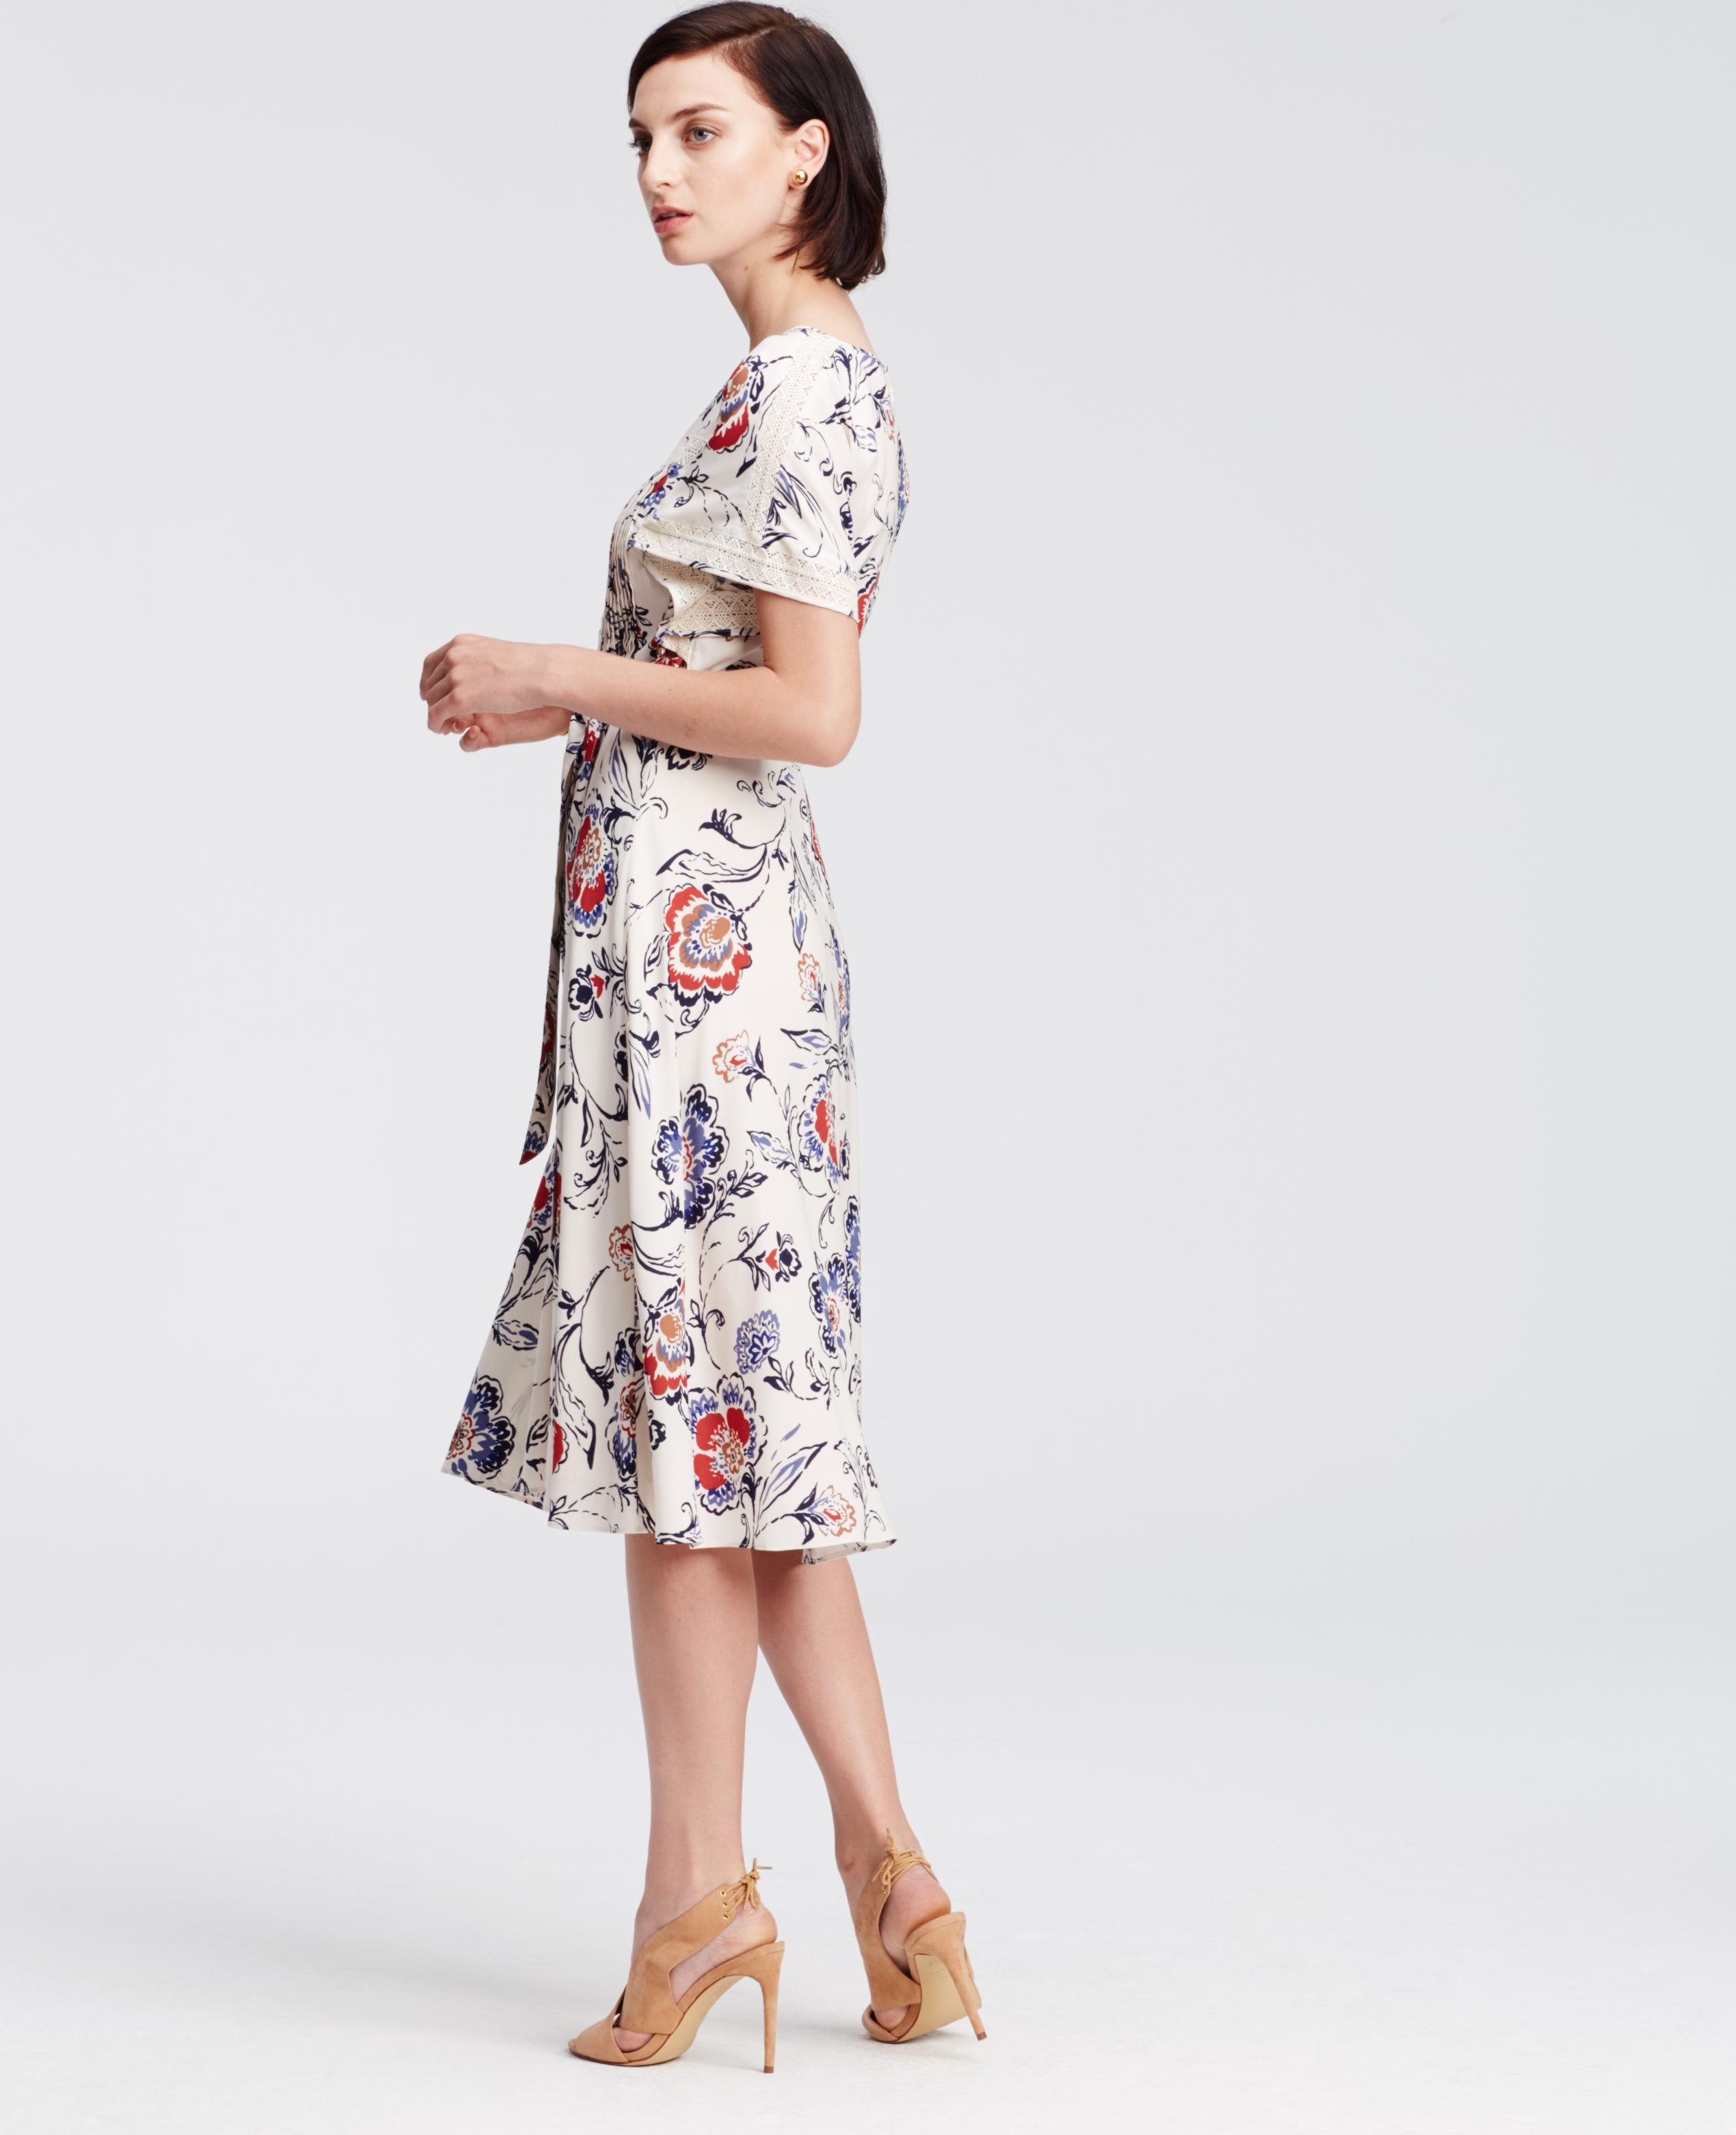 Wholesale Ann Taylor Floral Lace Dress 87cf0 55431